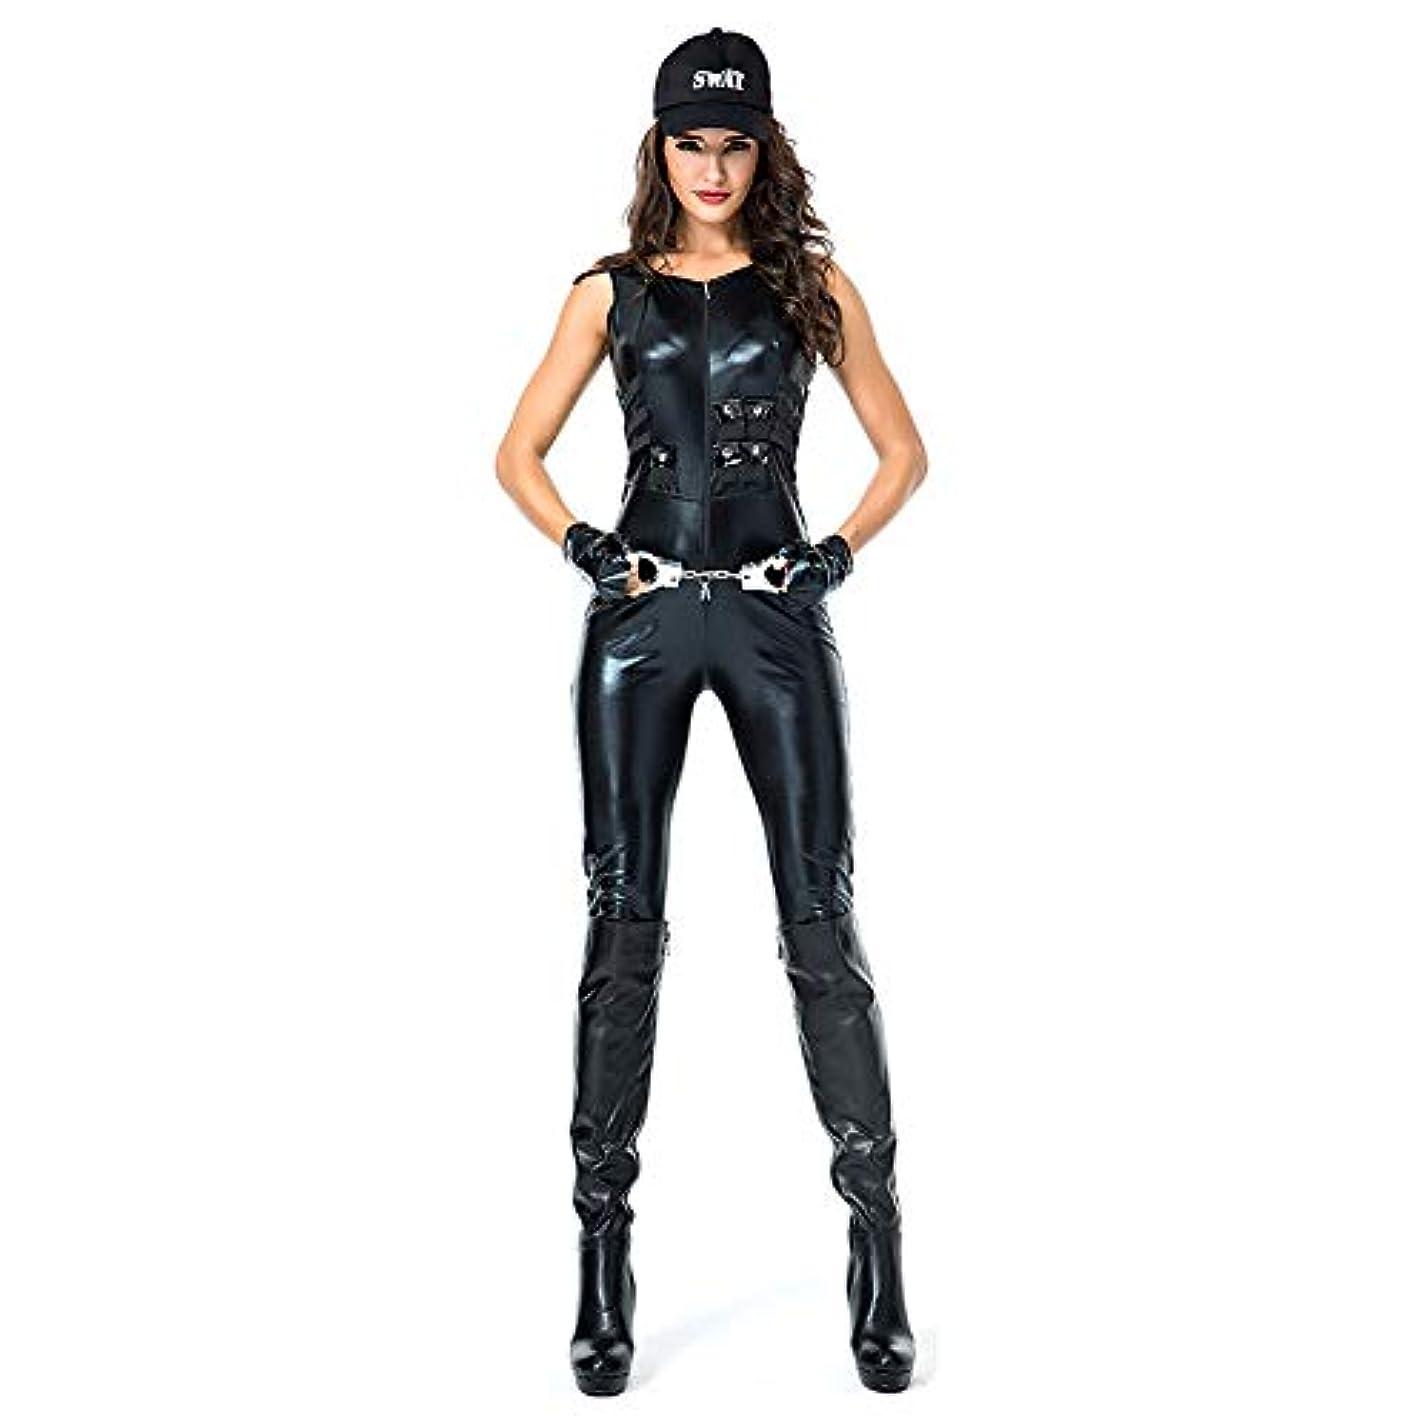 ダースサイト摩擦mrcos ハロウィン コスプレ 女性警察 警察 コスプレ 衣装 女性用 仮装 婦人警官 コスプレ police 婦警 警察 ポリス コスチュームセクシー 手錠付き XL